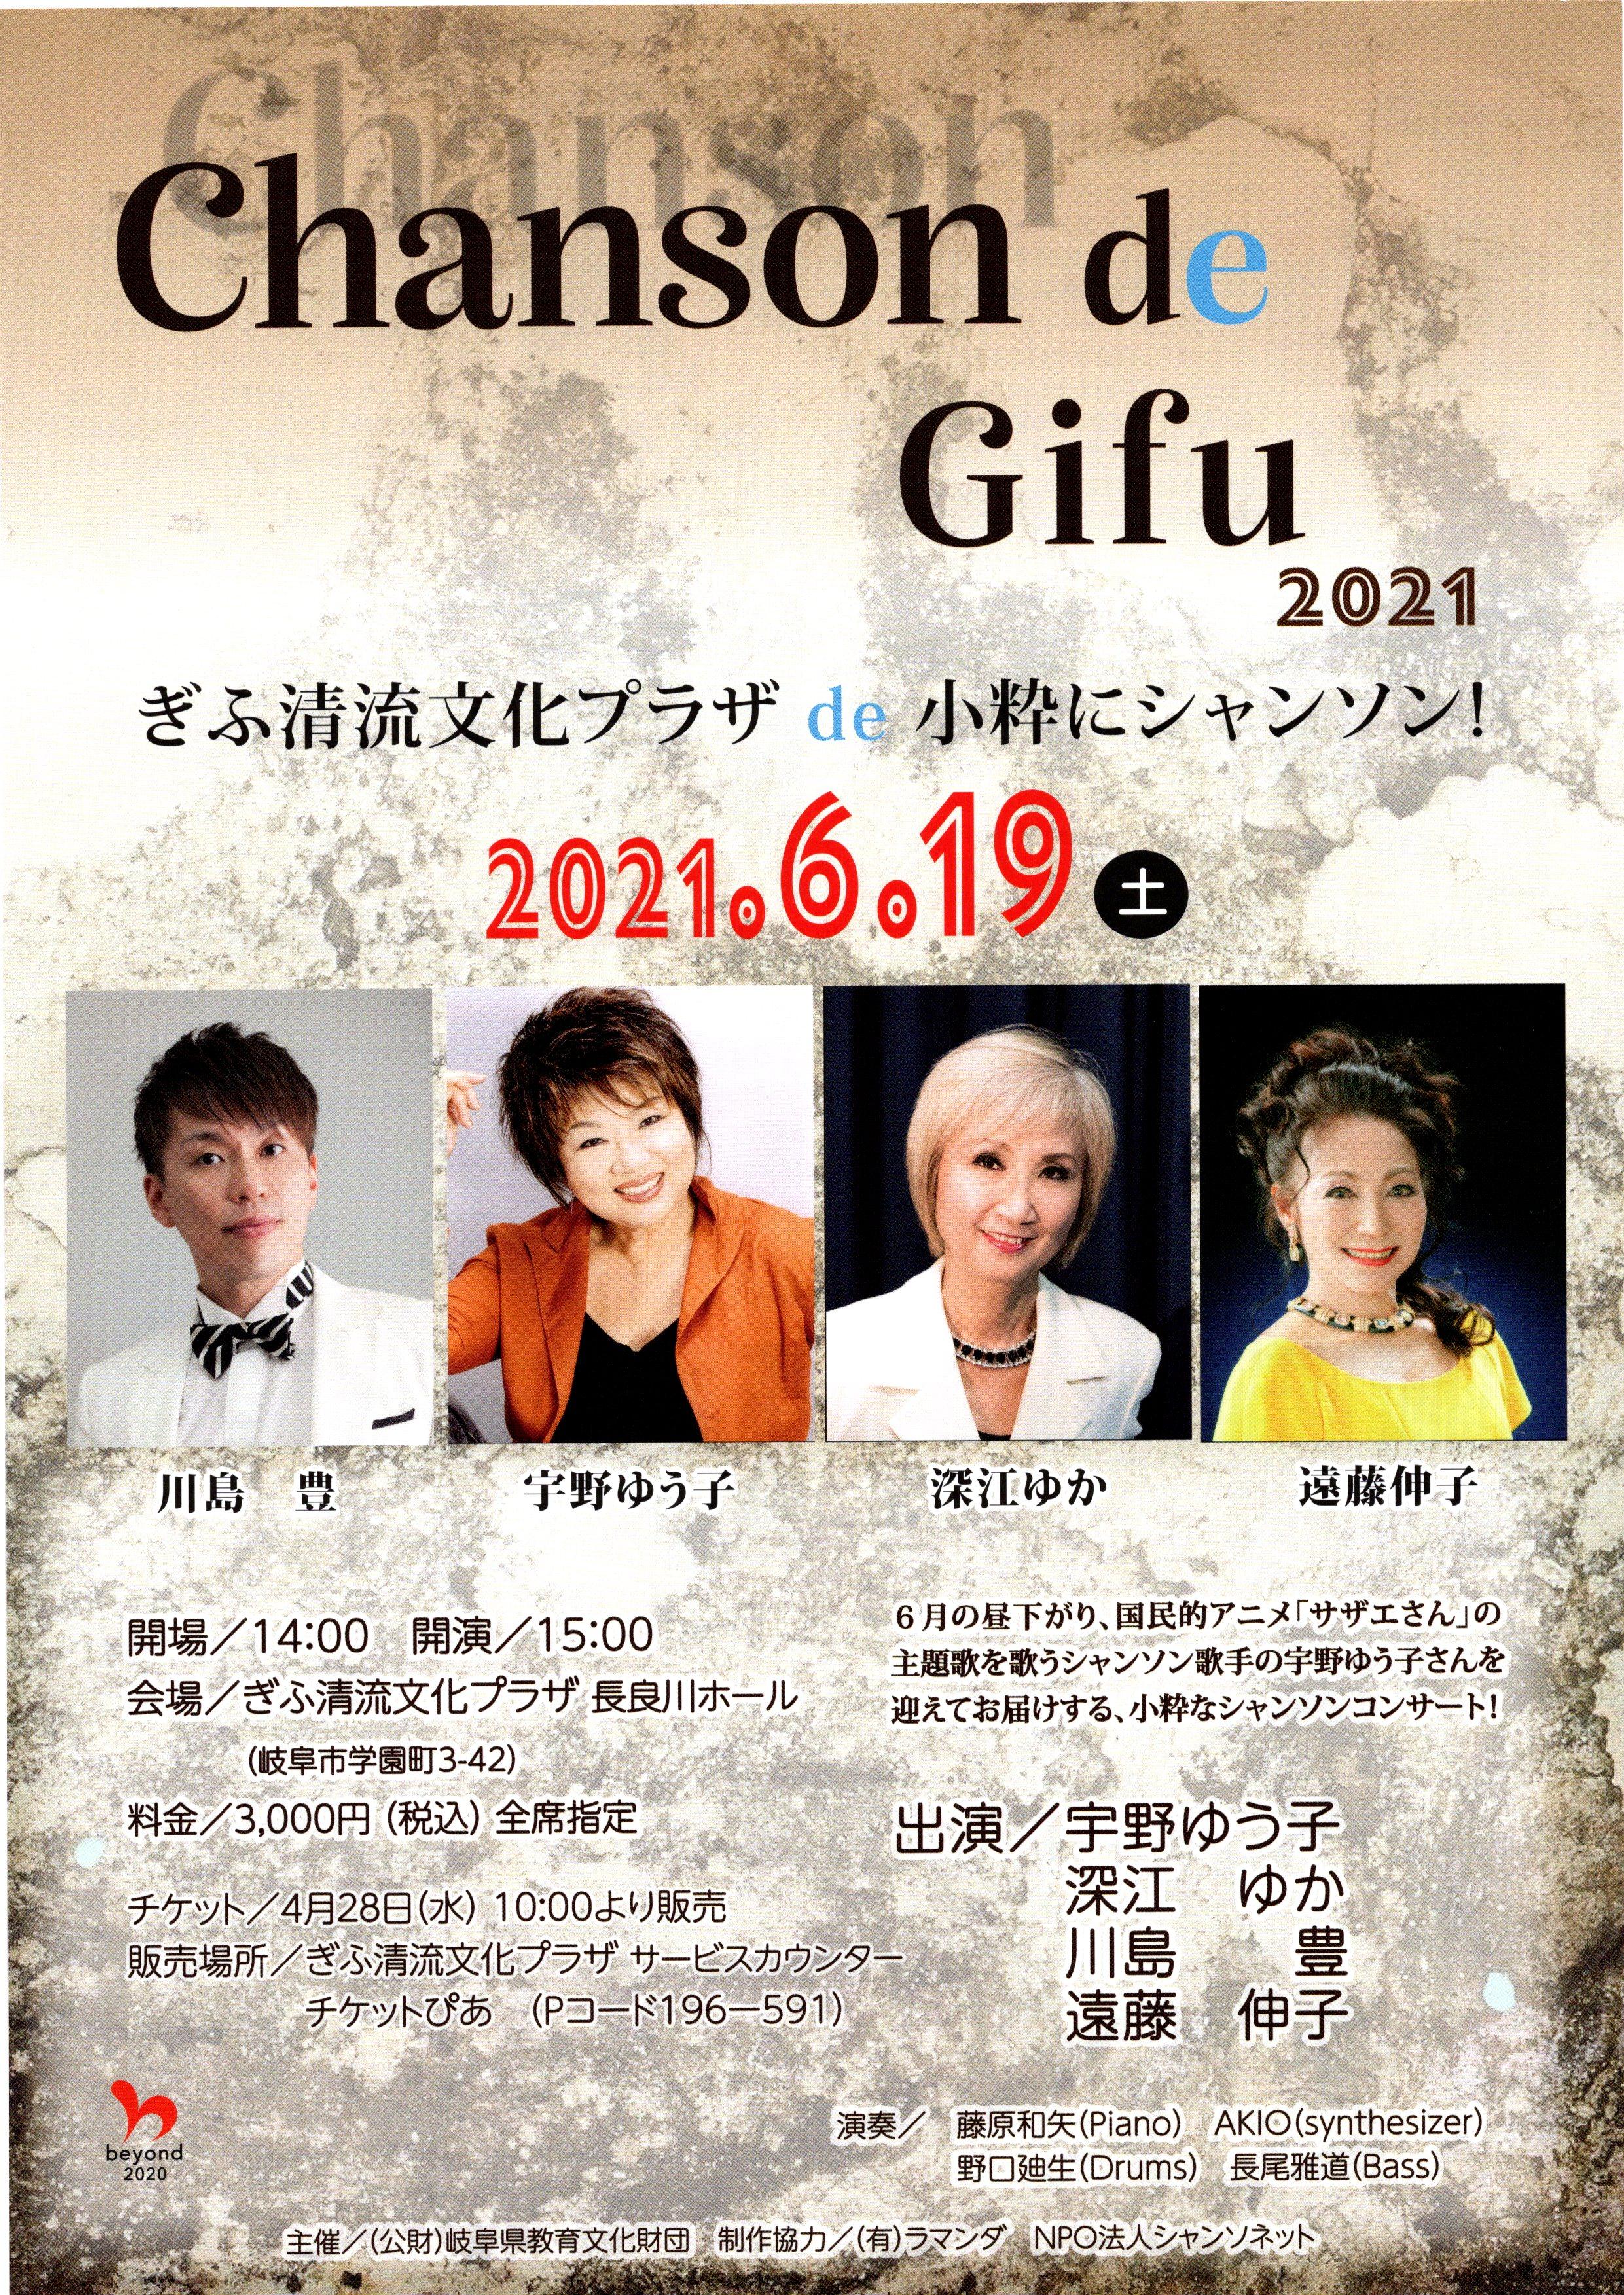 http://unoyuko.com/blog/chanson/Image_20210520_0003.jpg